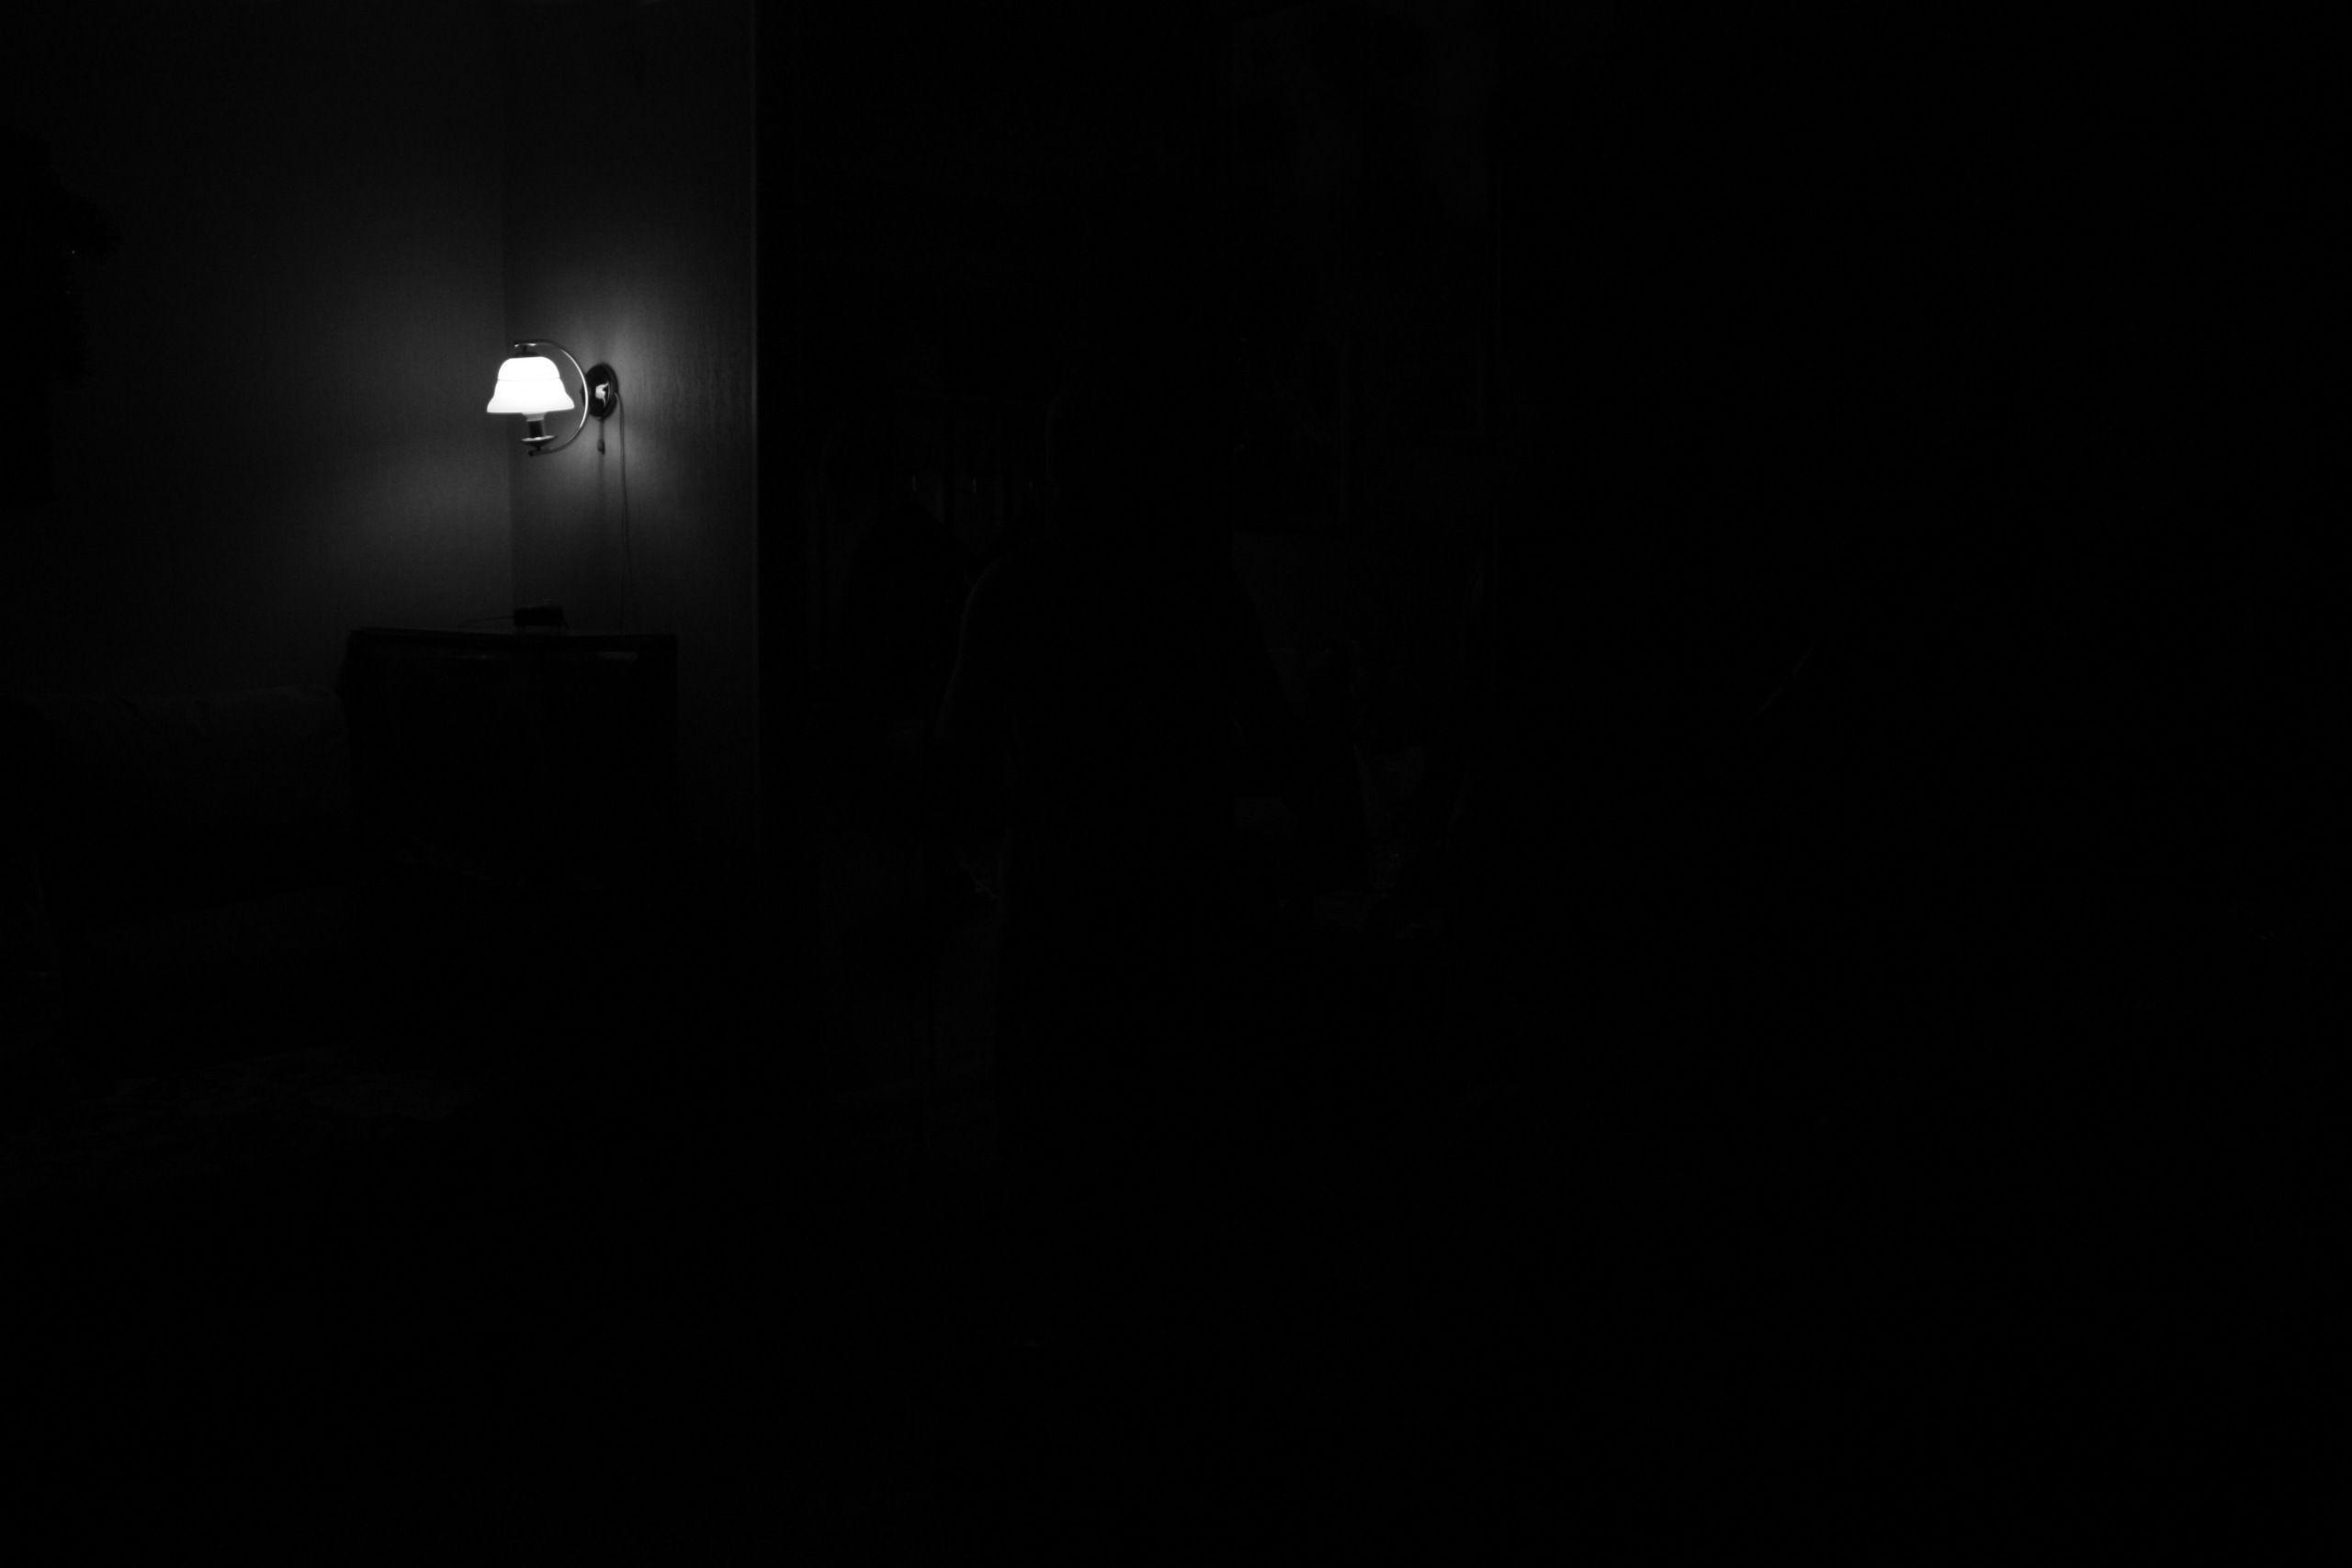 87503 Hintergrundbild herunterladen Dunkel, Scheinen, Licht, Minimalismus, Lampe, Laterne, Dunkelheit, Zimmer - Bildschirmschoner und Bilder kostenlos